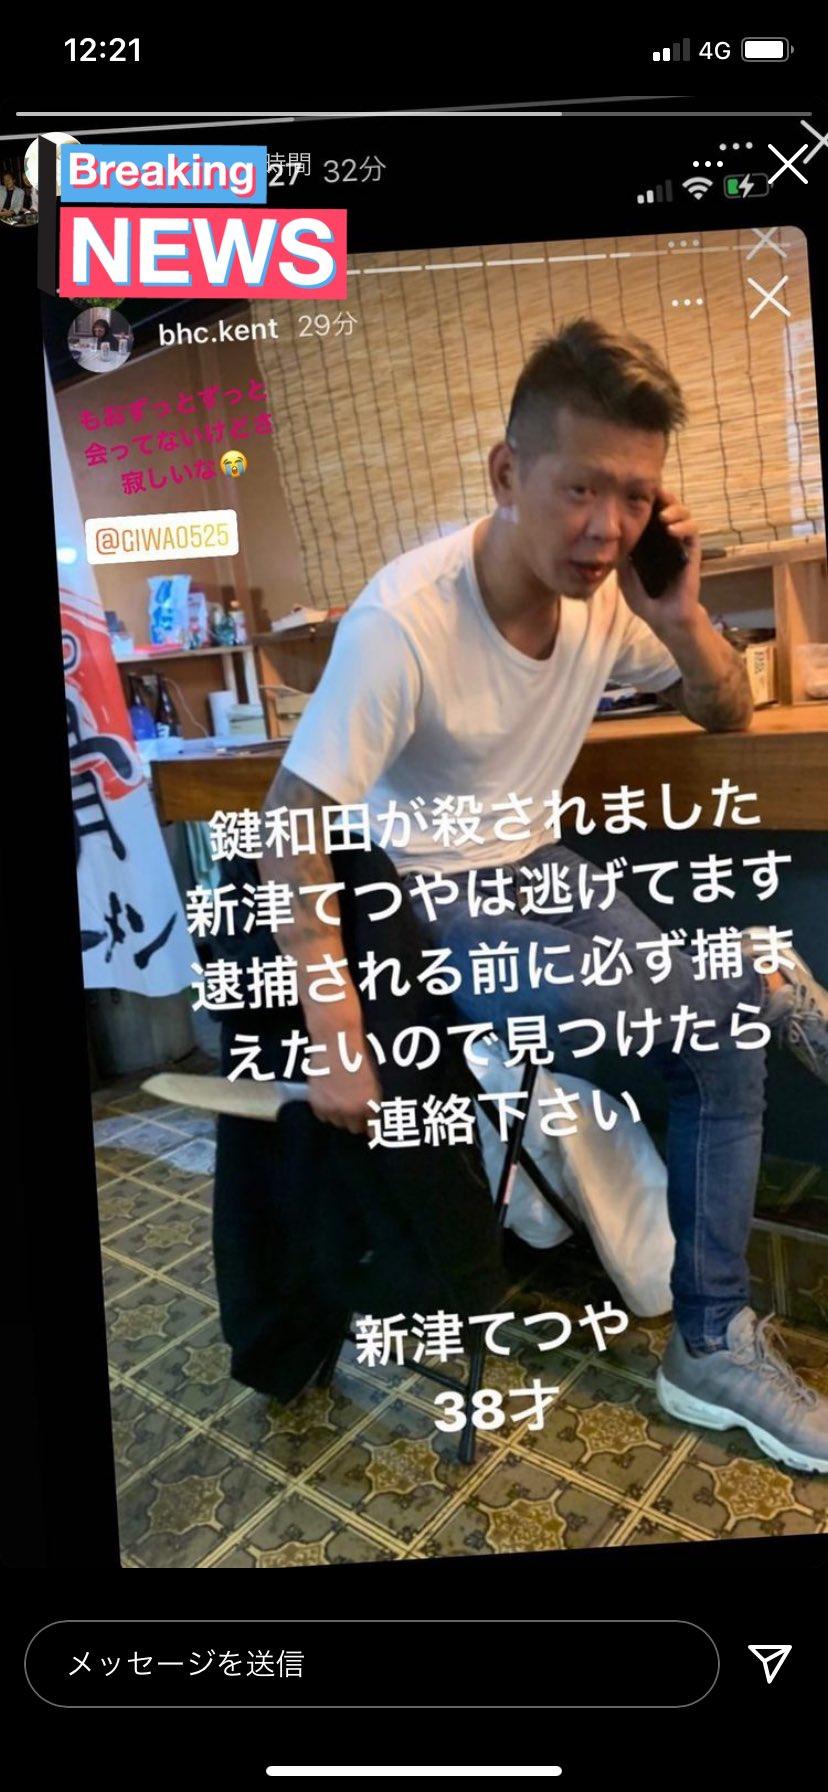 画像,三島の殺人事件の犯人らしいです https://t.co/q6N38x4kte。